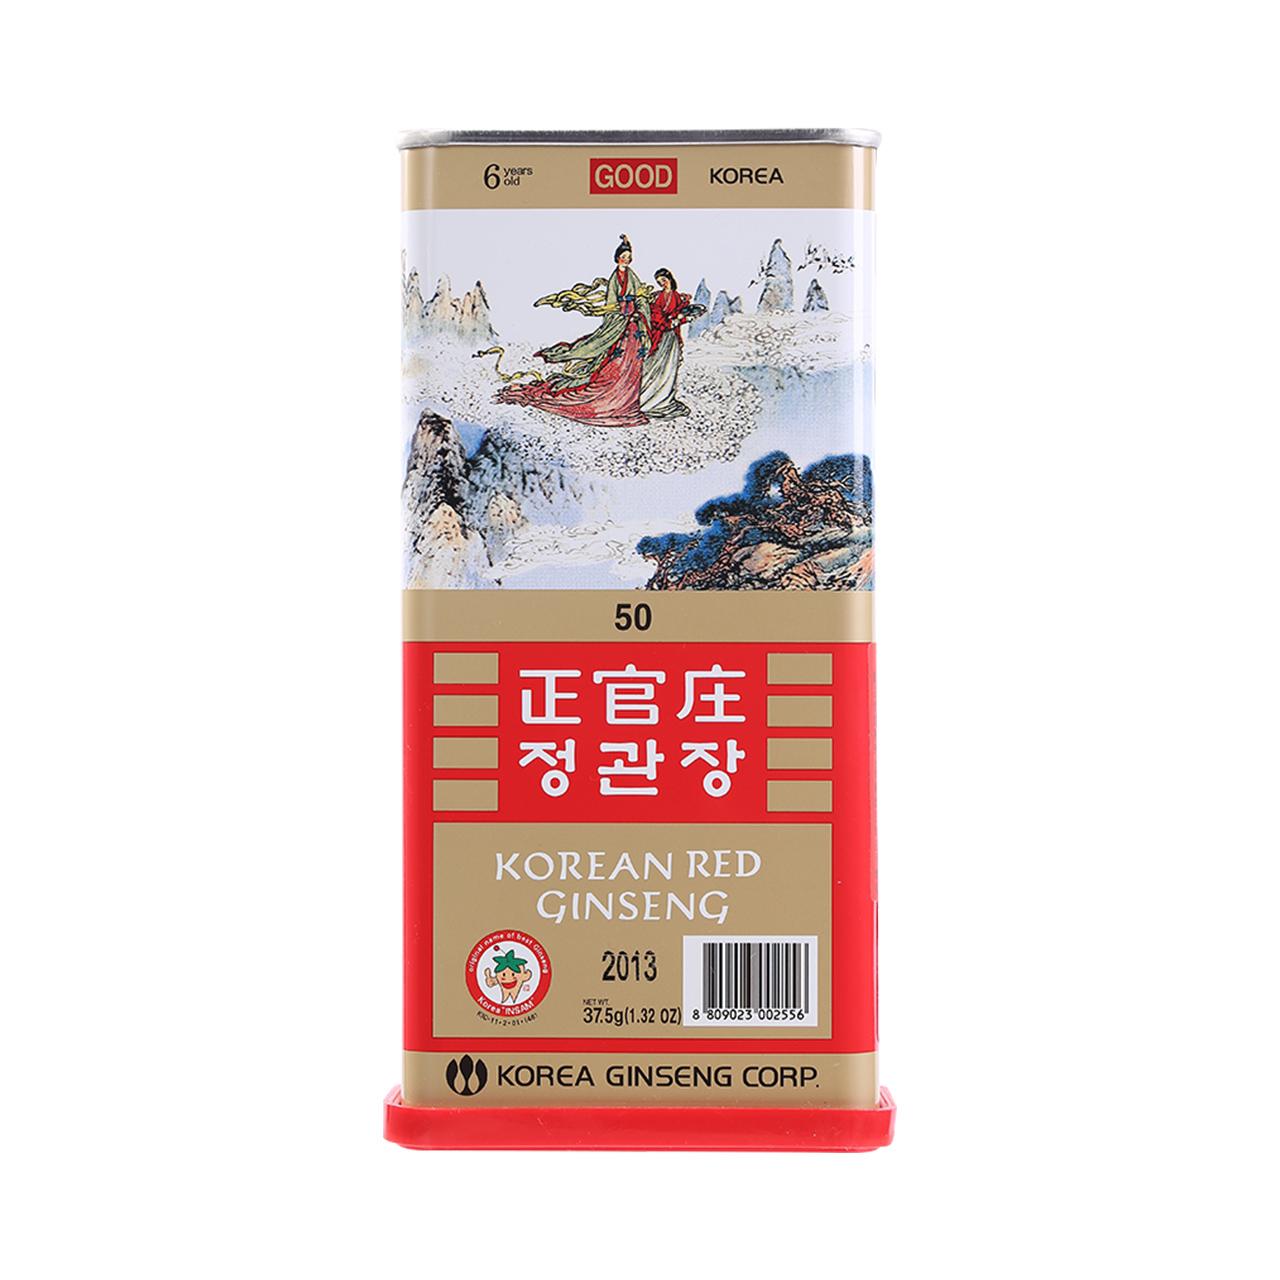 正官庄高丽参韩国红参整支切片37.5g长白山人参泡酒正品